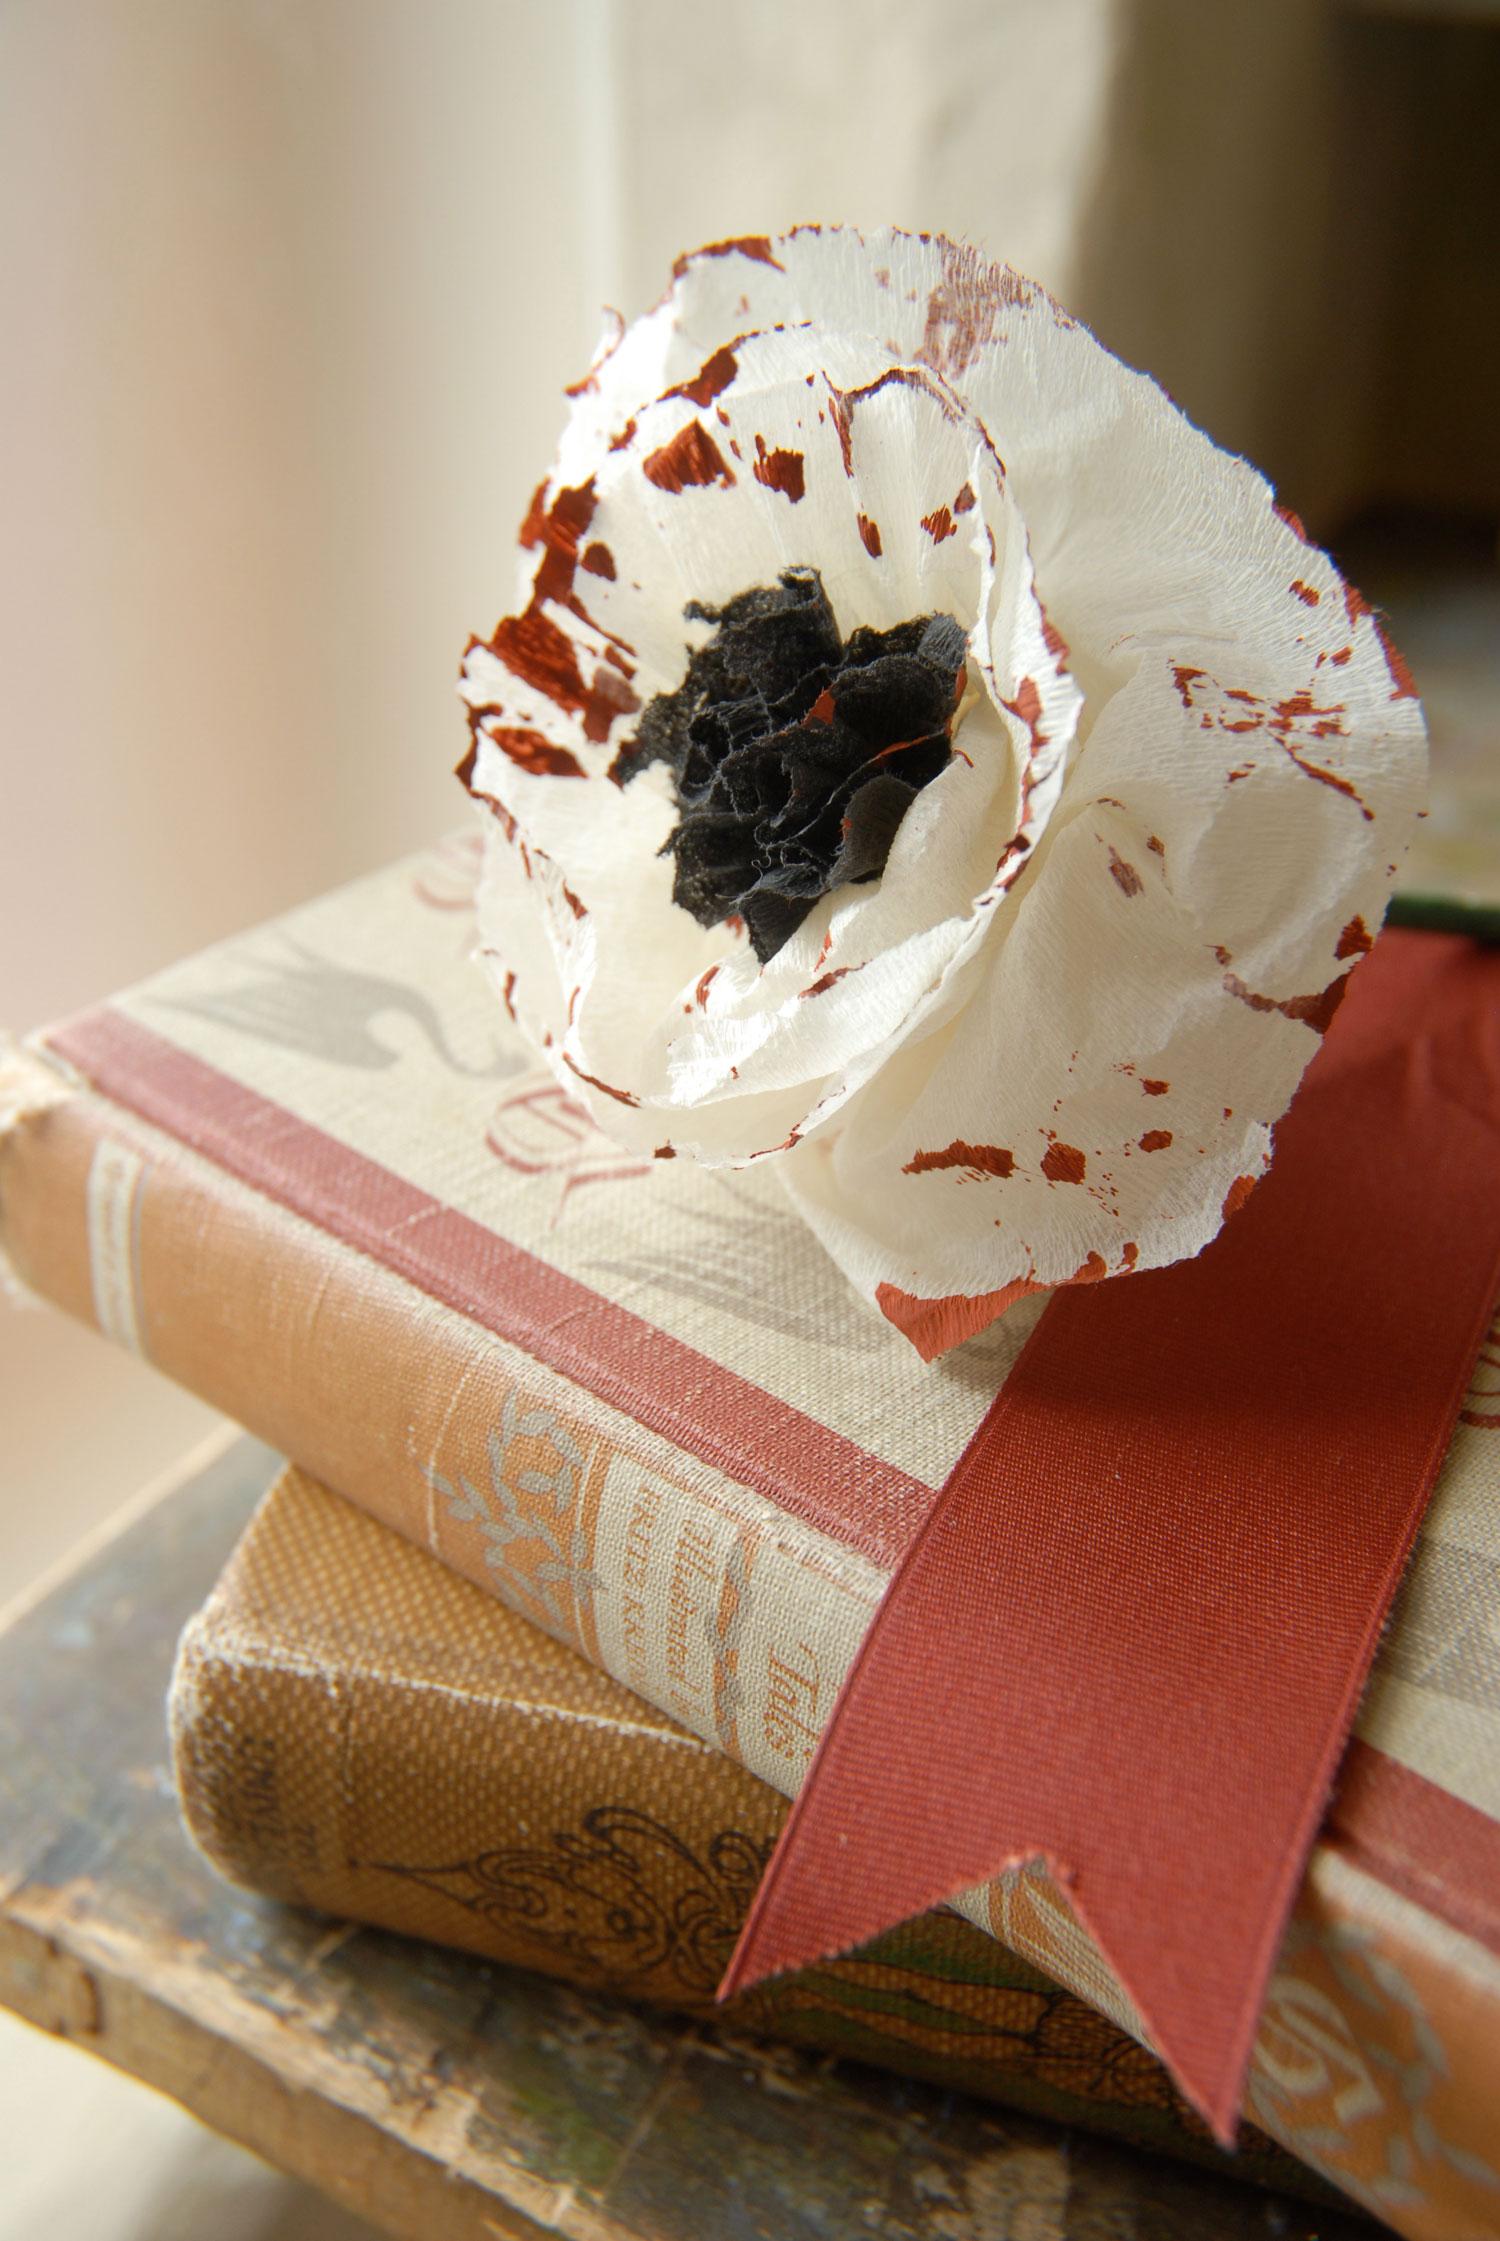 9781454702474_a180-flower-on-book-OP.jpg